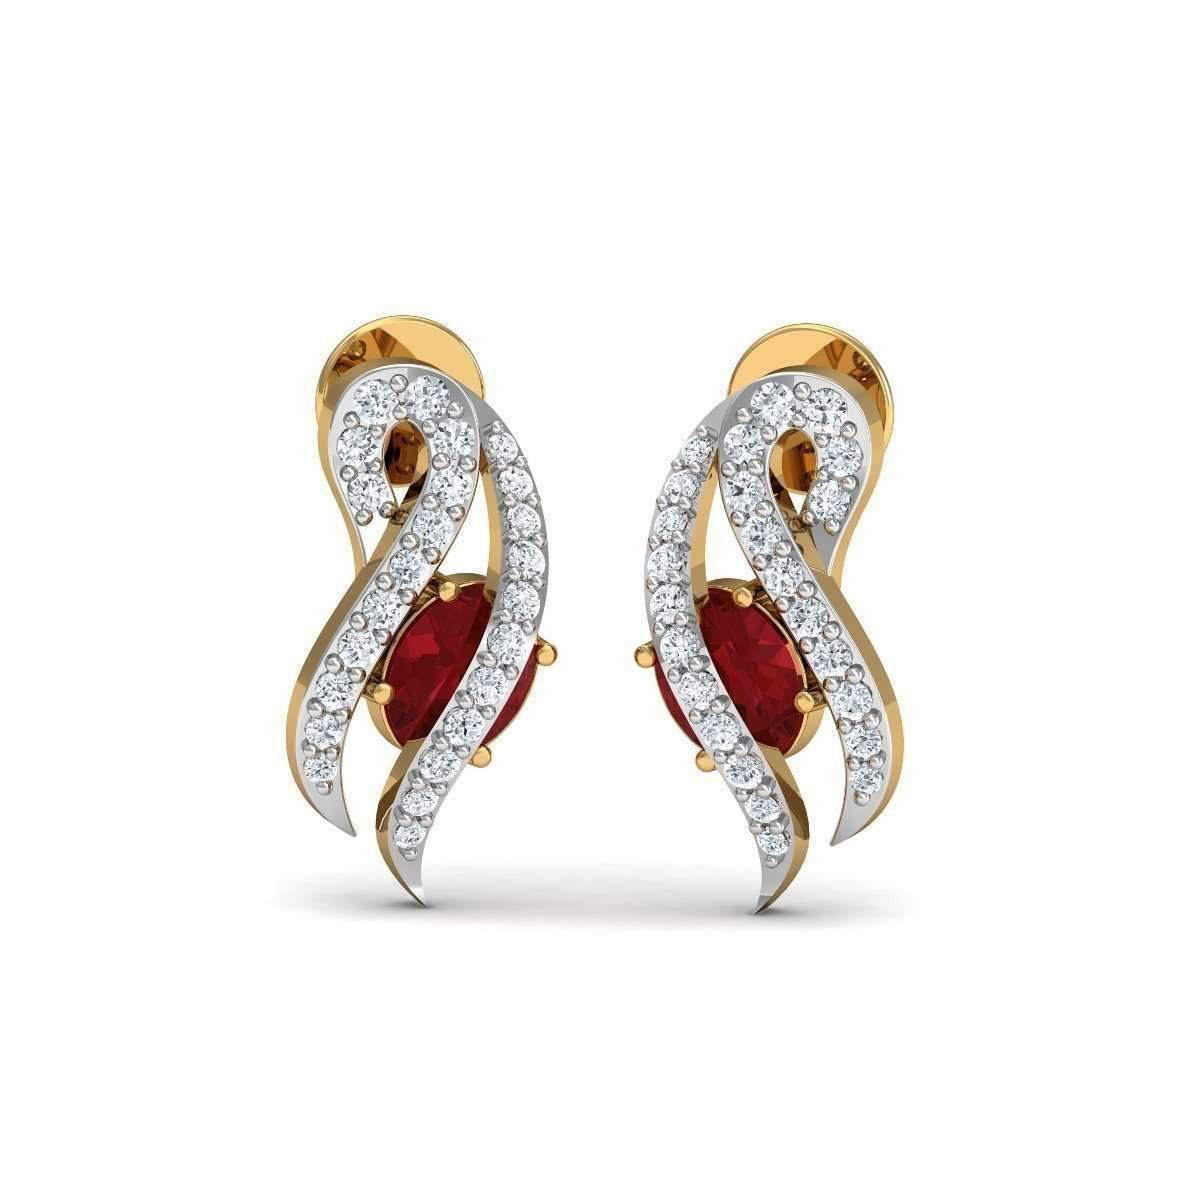 Diamoire Jewels Butterfly Diamond Earrings in 18kt Yellow Gold 3OcpwcbbH